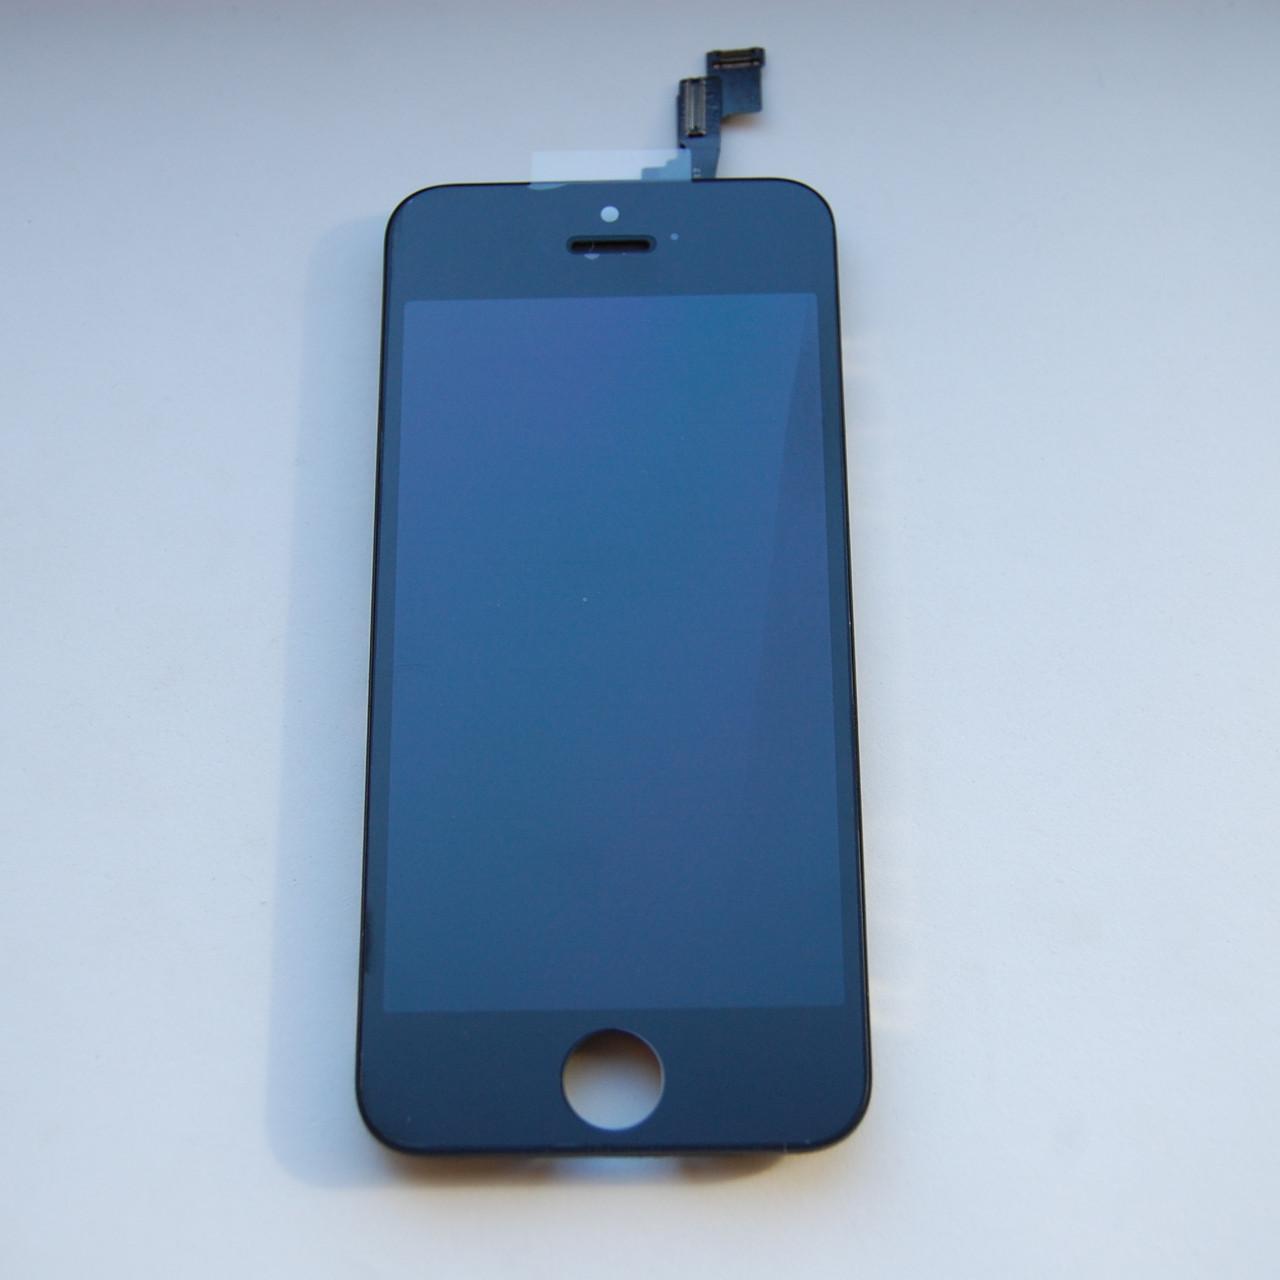 купить дисплей на iphone 5 харьков